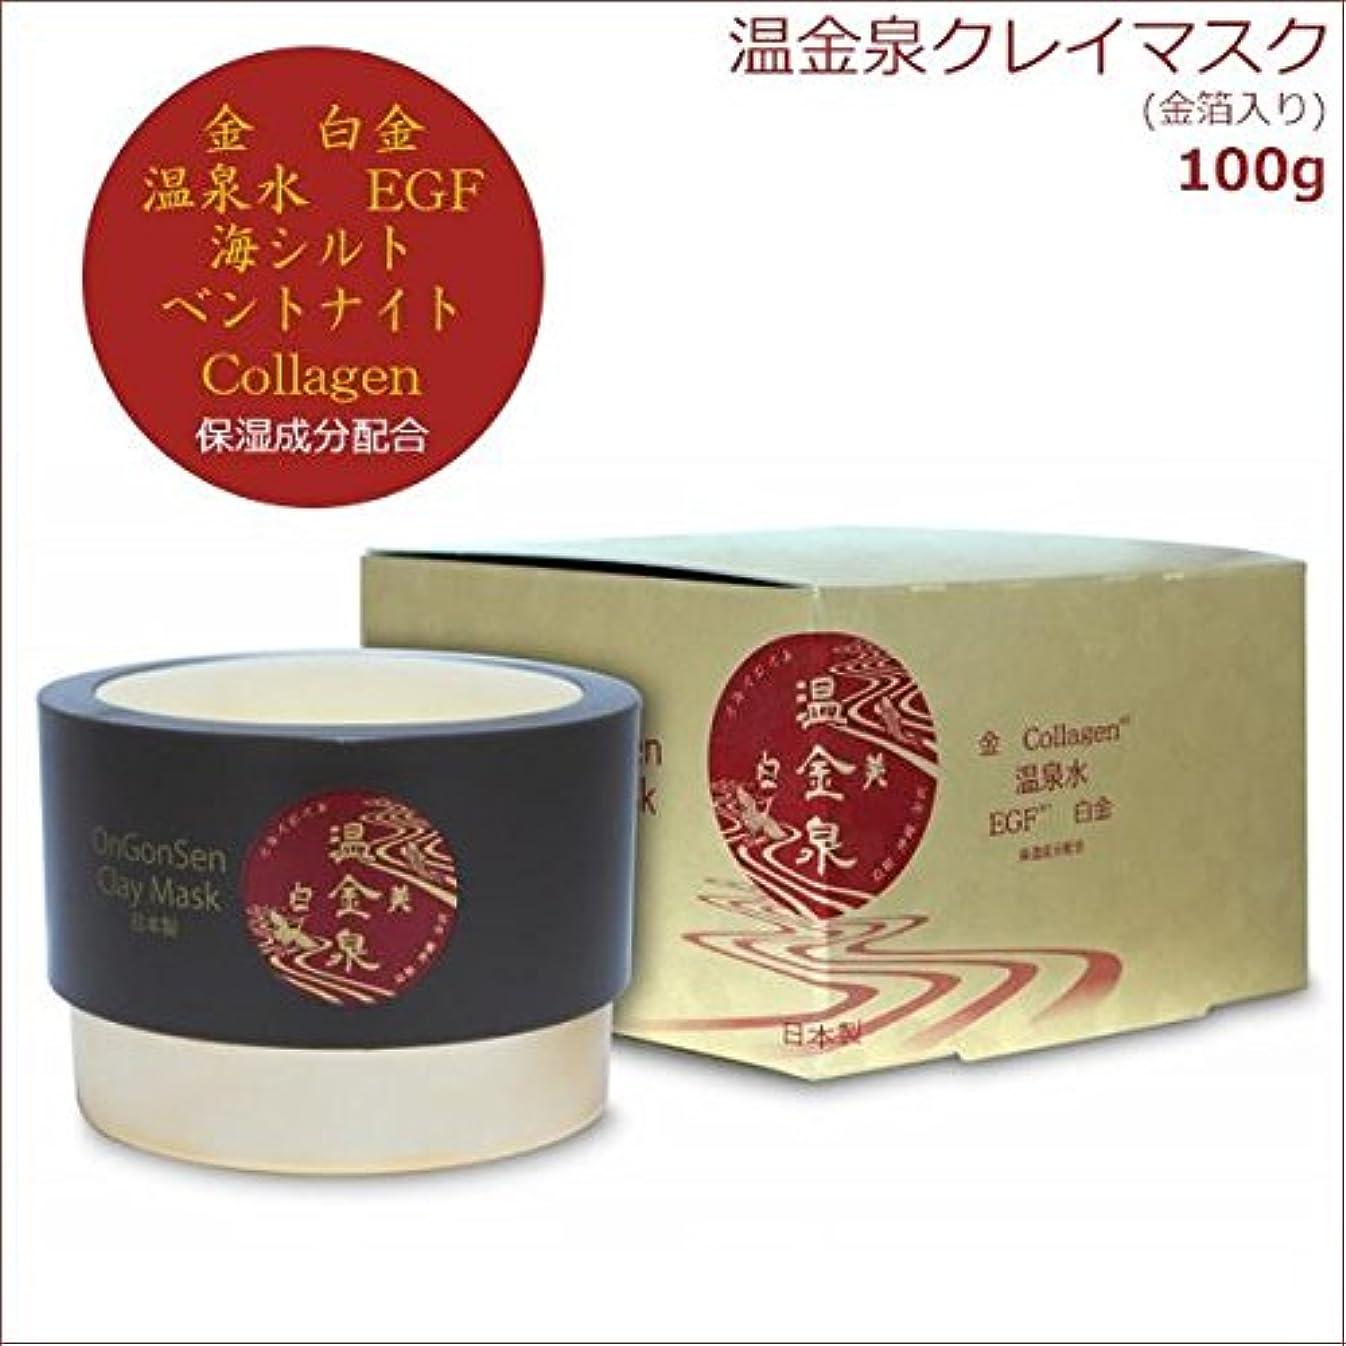 成長する引数専門化する日本製 HiROSOPHY ヒロソフィー 温金泉(オンゴンセン)クレイマスク 金箔入り 100g